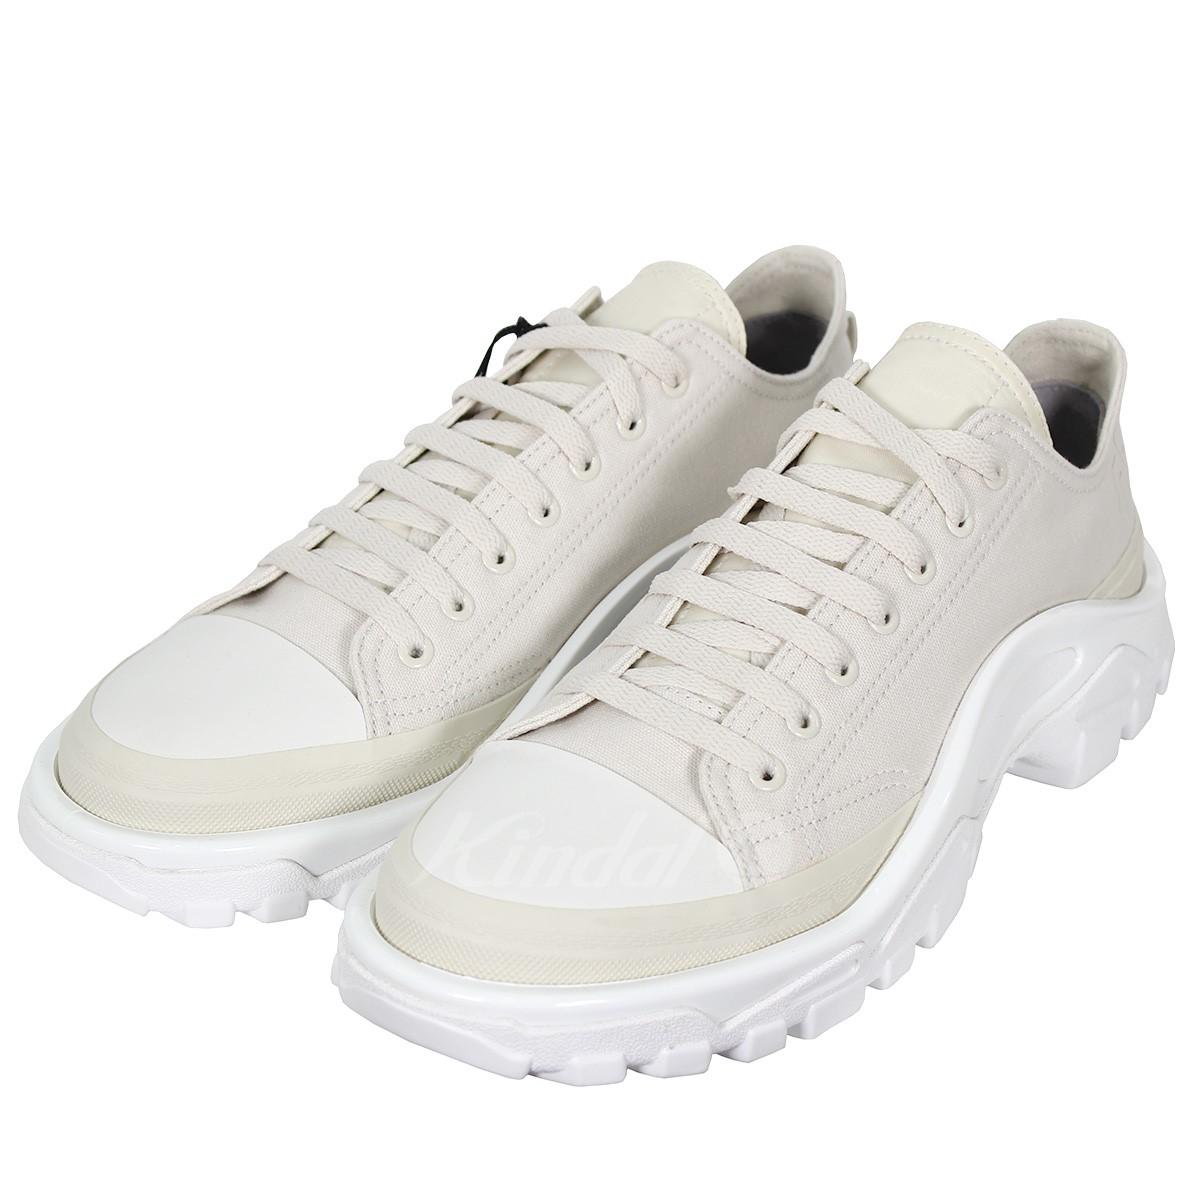 d693791830 adidas by RAF SIMONS RS DETROIT RUNNER Detroit runner sneakers white size:  28 0cm ...